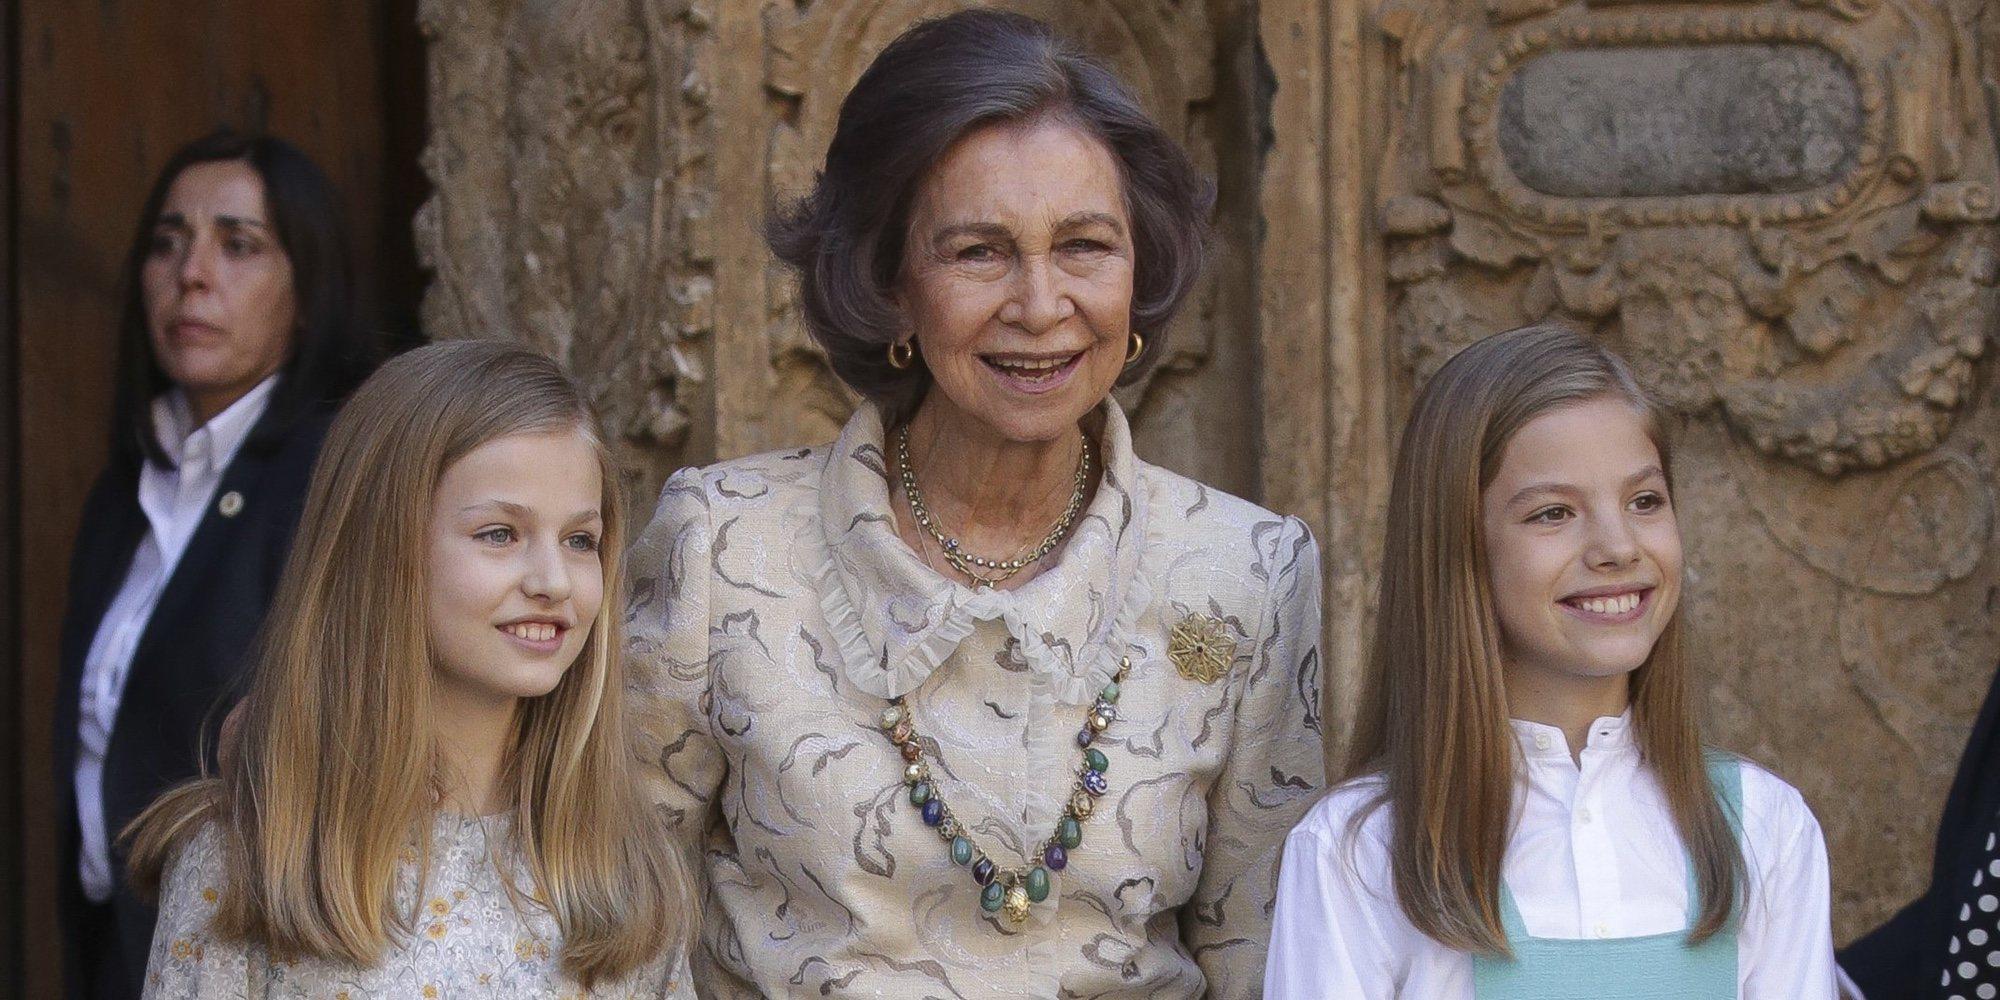 La Reina Sofía, humillada en público por el feo gesto de la Princesa Leonor y el desplante de la Reina Letizia